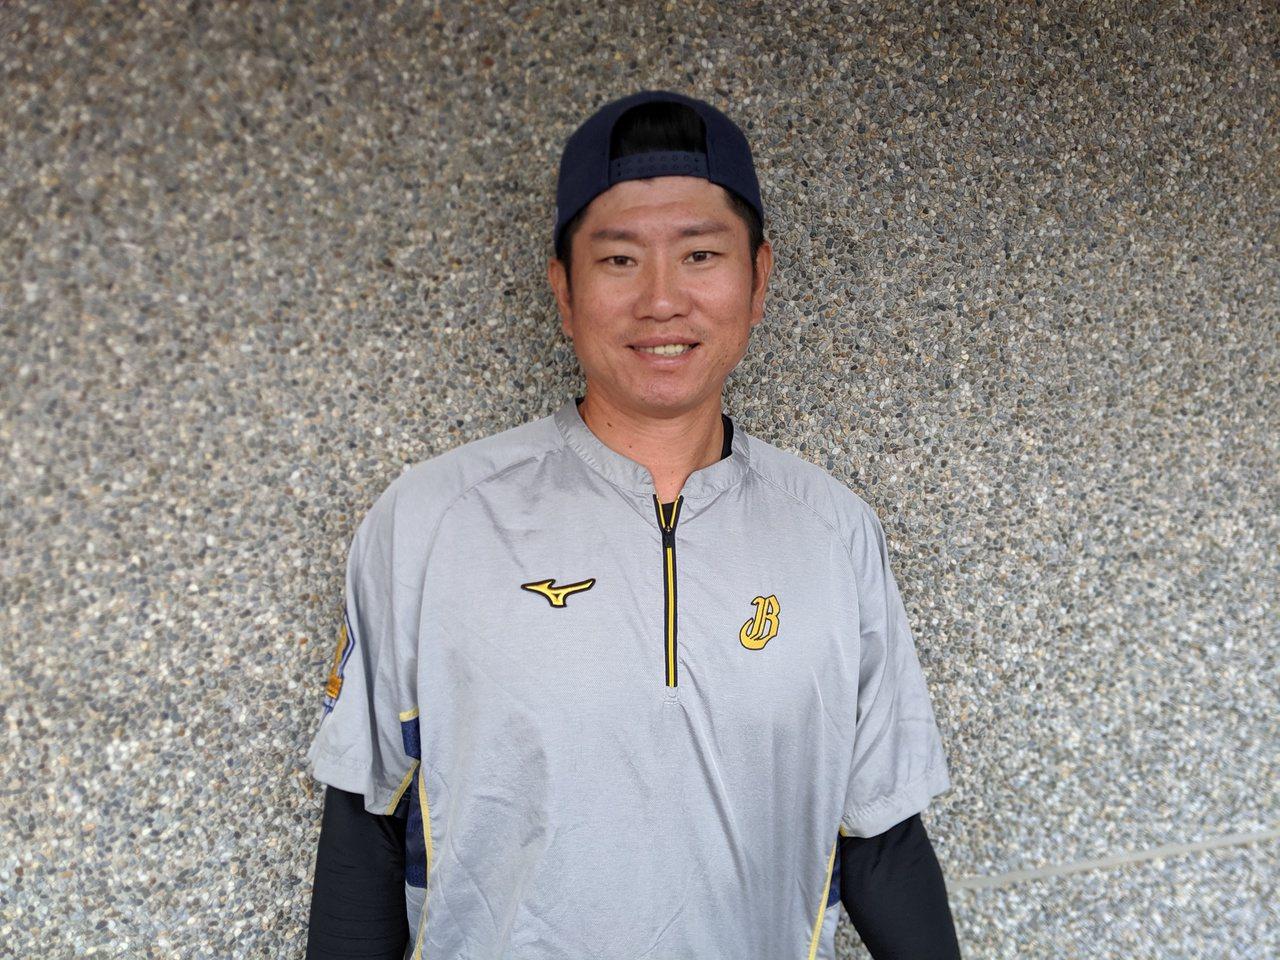 林恩宇是少數穿過東北樂天金鷲隊球衣的台灣球員。 記者蘇志畬/攝影